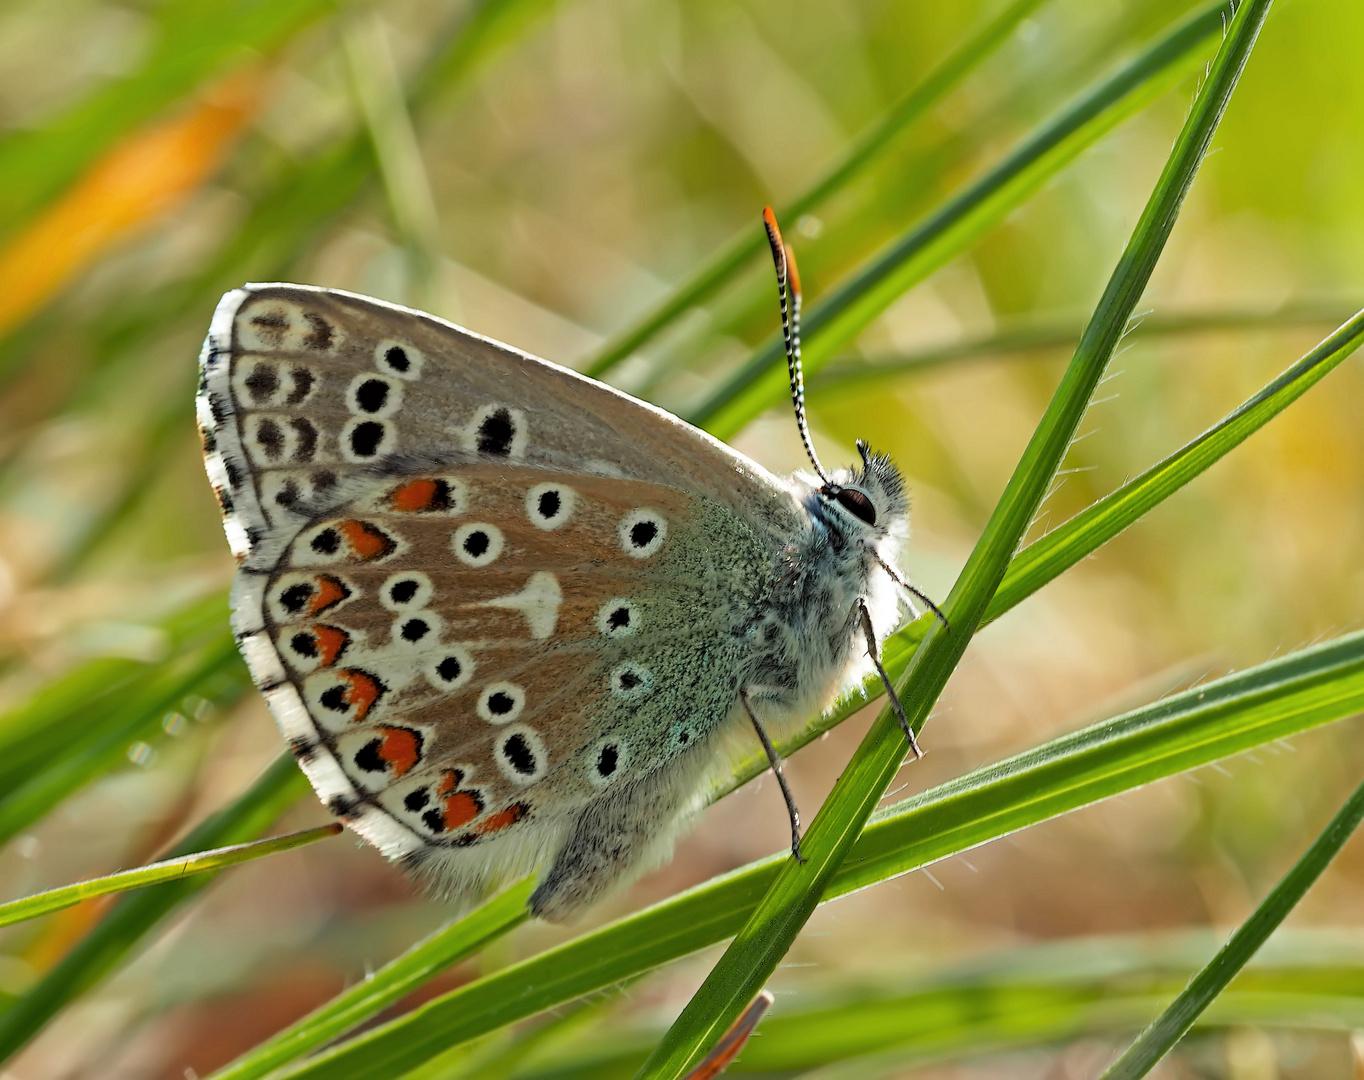 Hurra, der Frühling mit den prächtigen Schmetterlingen ist wieder da!